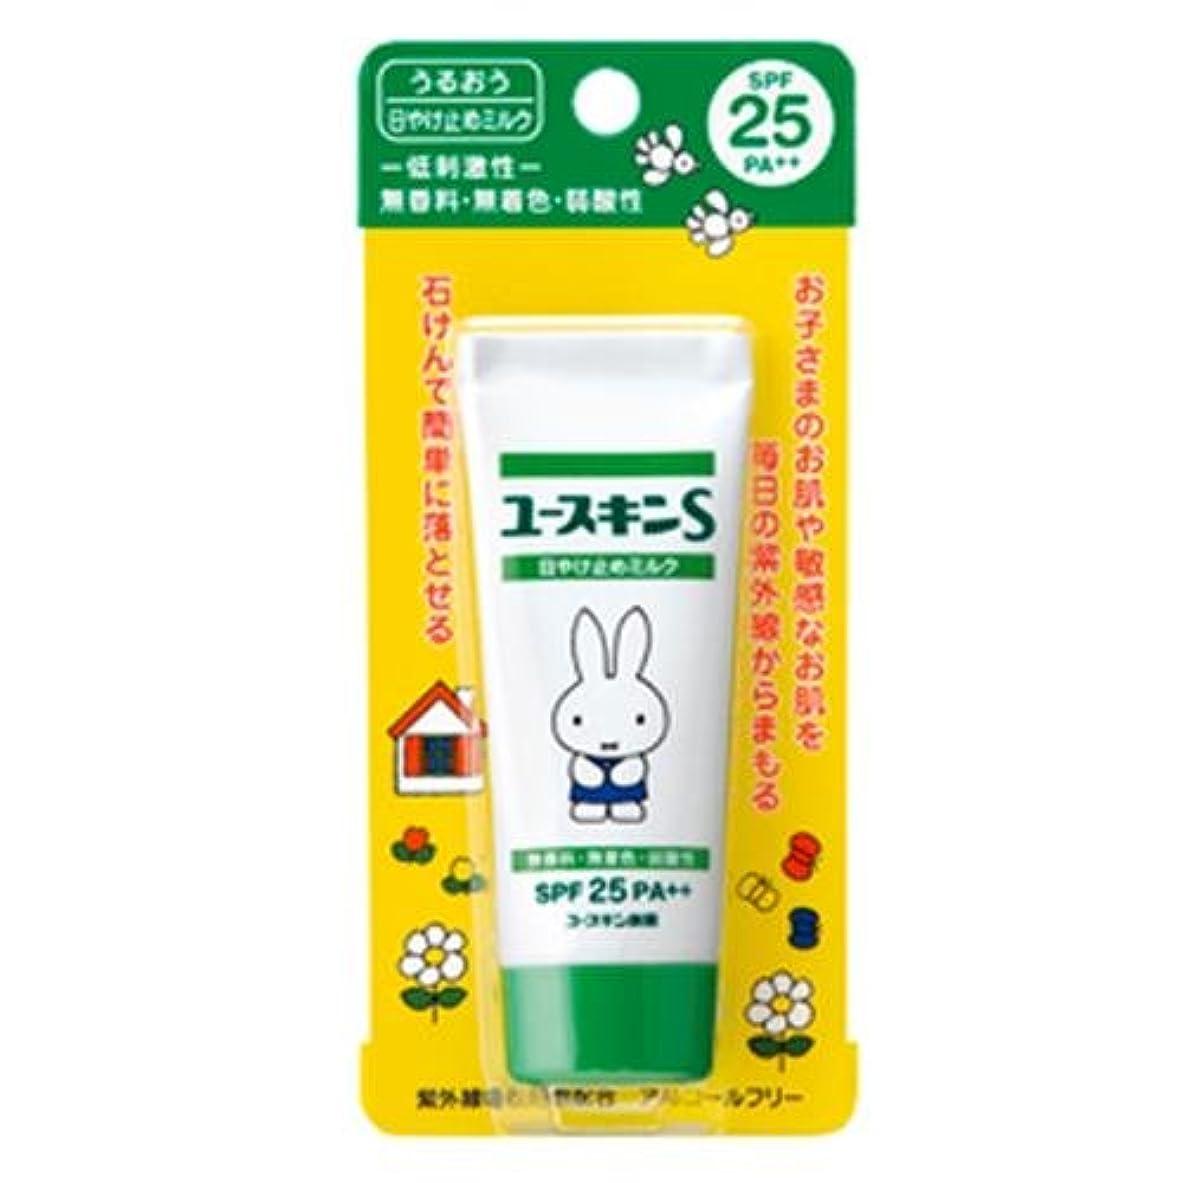 指定十分に有害ユースキンS UVミルク SPF25 PA++ 40g (敏感肌用 日焼け止め)